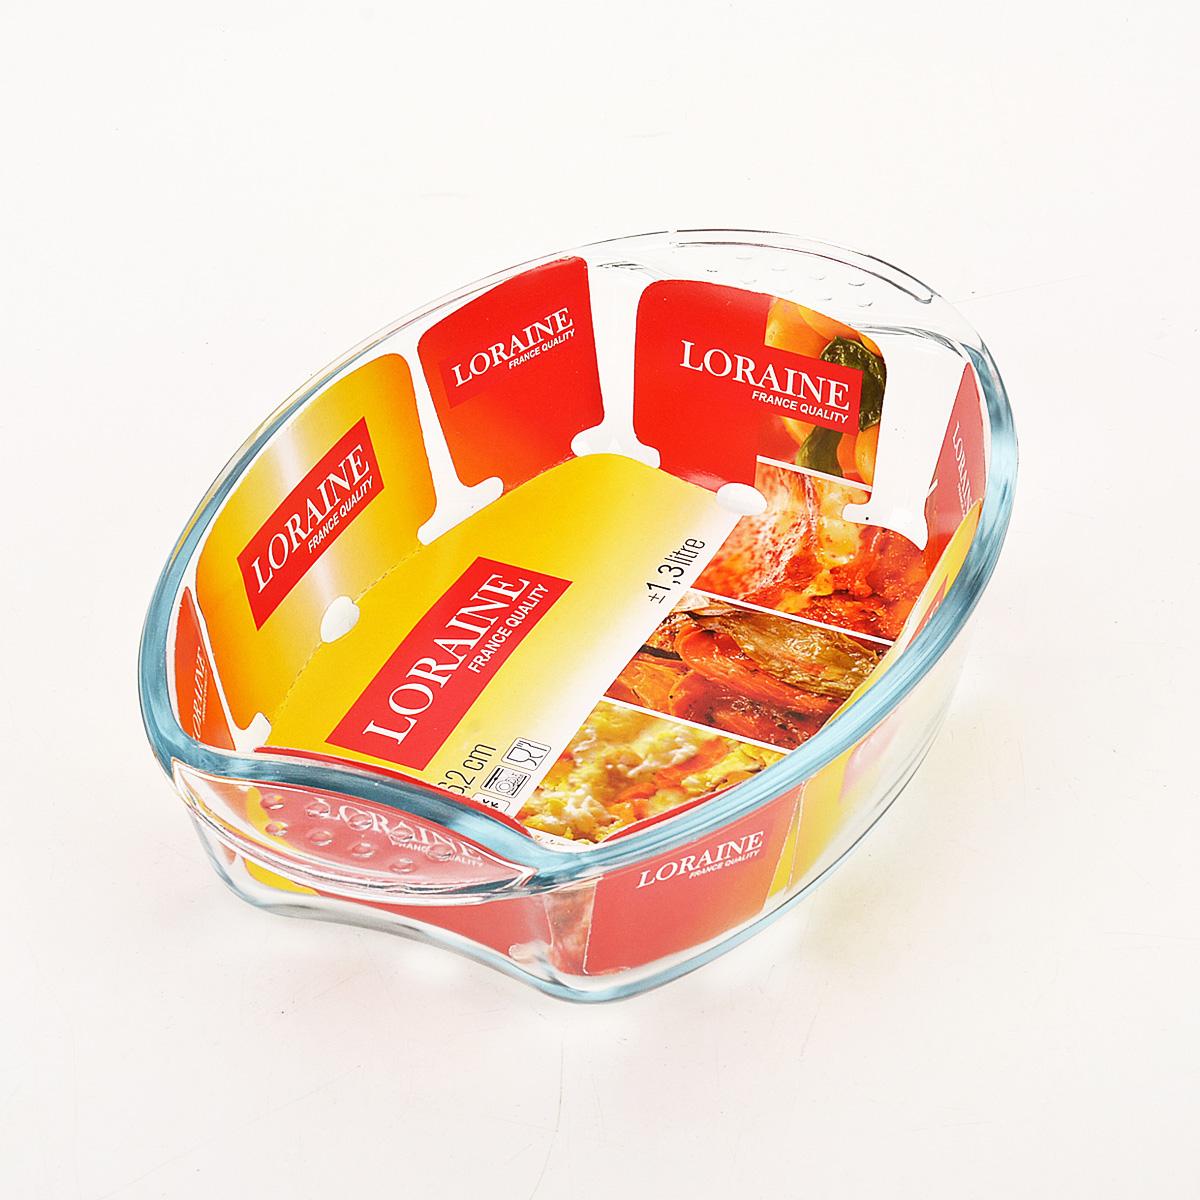 Жаровня Loraine, 1,3 л20669Овальная жаровня Loraine изготовлена из жаропрочного боросиликатного прозрачного стекла. Стеклянная посуда идеальна для запекания, так как стекло - это экологически чистый, износостойкий и долговечный материал, к которому не прилипает пища, в такой посуде пища сохраняет все свои полезные вещества и микроэлементы. Емкость идеальна для запекания в духовке птицы и мяса, для приготовления лазаньи, запеканки и даже пирогов. С жаровней Loraine вы всегда сможете порадовать своих близких оригинальной выпечкой. Подходит для использования в духовке при температуре до +400°С, в морозильной камере при температуре до -40°С. Можно использовать в микроволновой печи. Подходит для мытья в посудомоечной машине. Объем: 1,3 л. Размер жаровни (с учетом ручек): 26 см х 18 см. Высота стенки: 6 см.